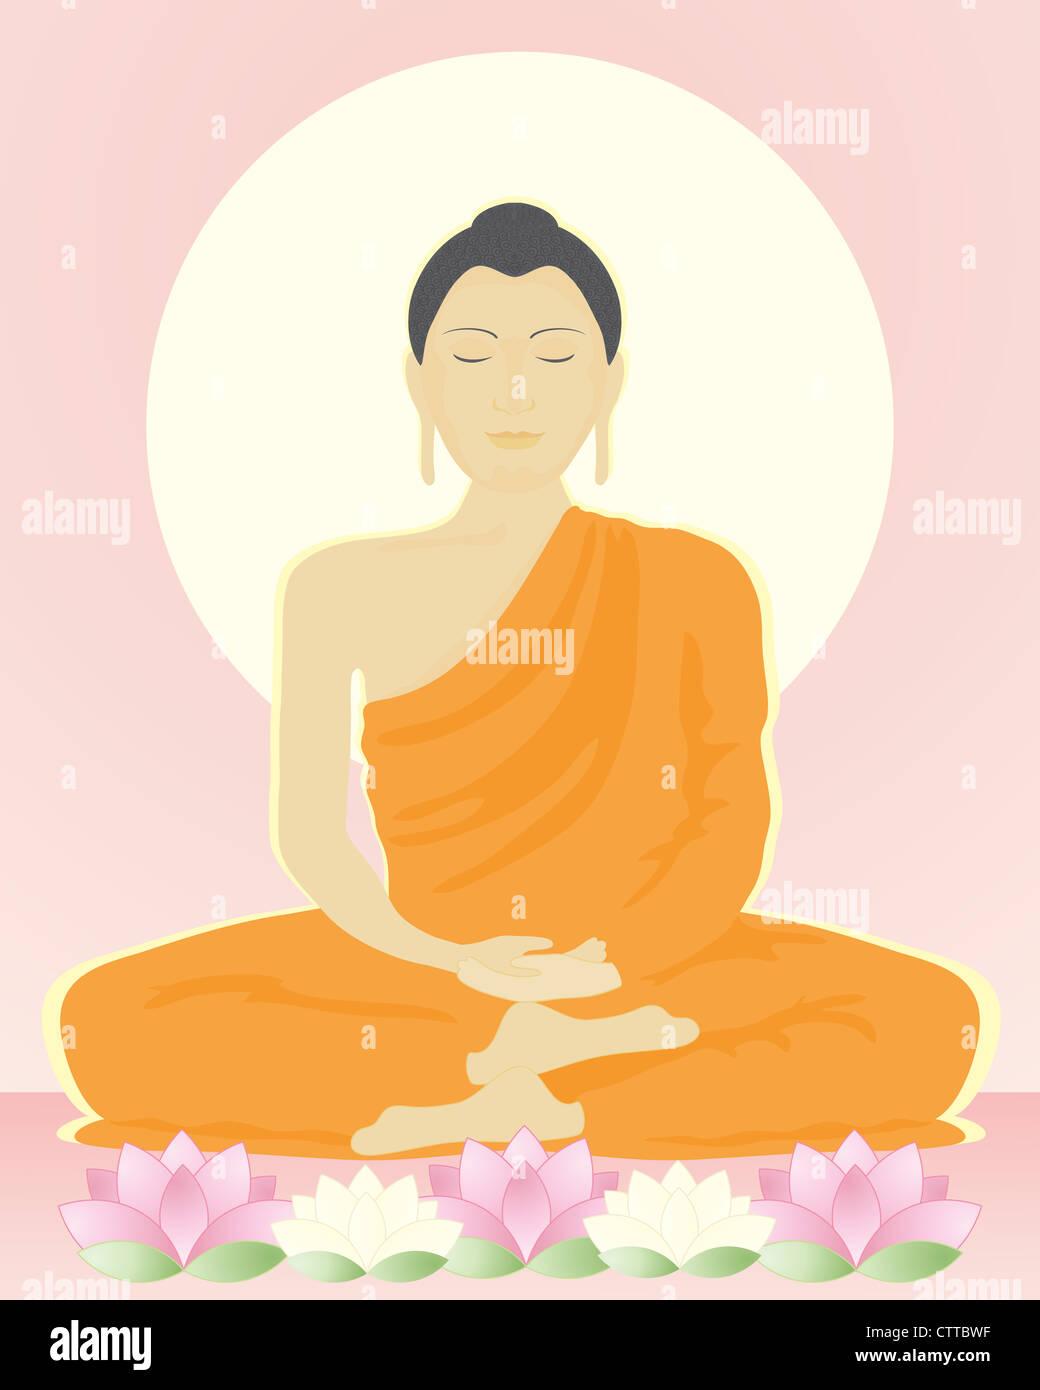 Una illustrazione di un'immagine del Buddha in meditazione seduta con fiori di loto in un giallo brillante sole Foto Stock